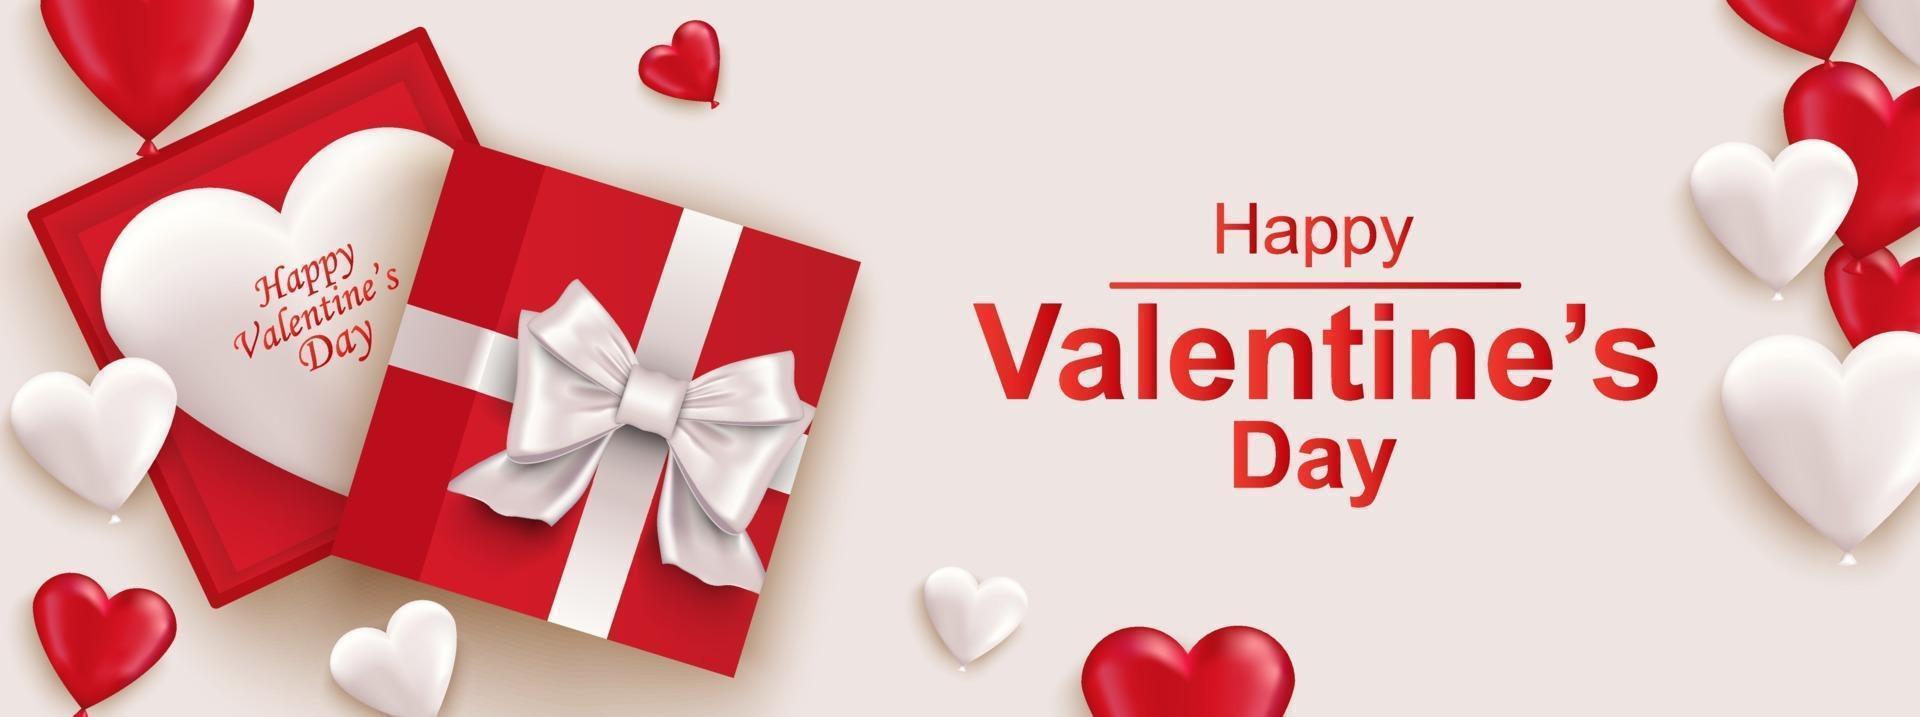 bannière web horizontale heureuse Saint Valentin. coffret cadeau réaliste avec noeud vecteur